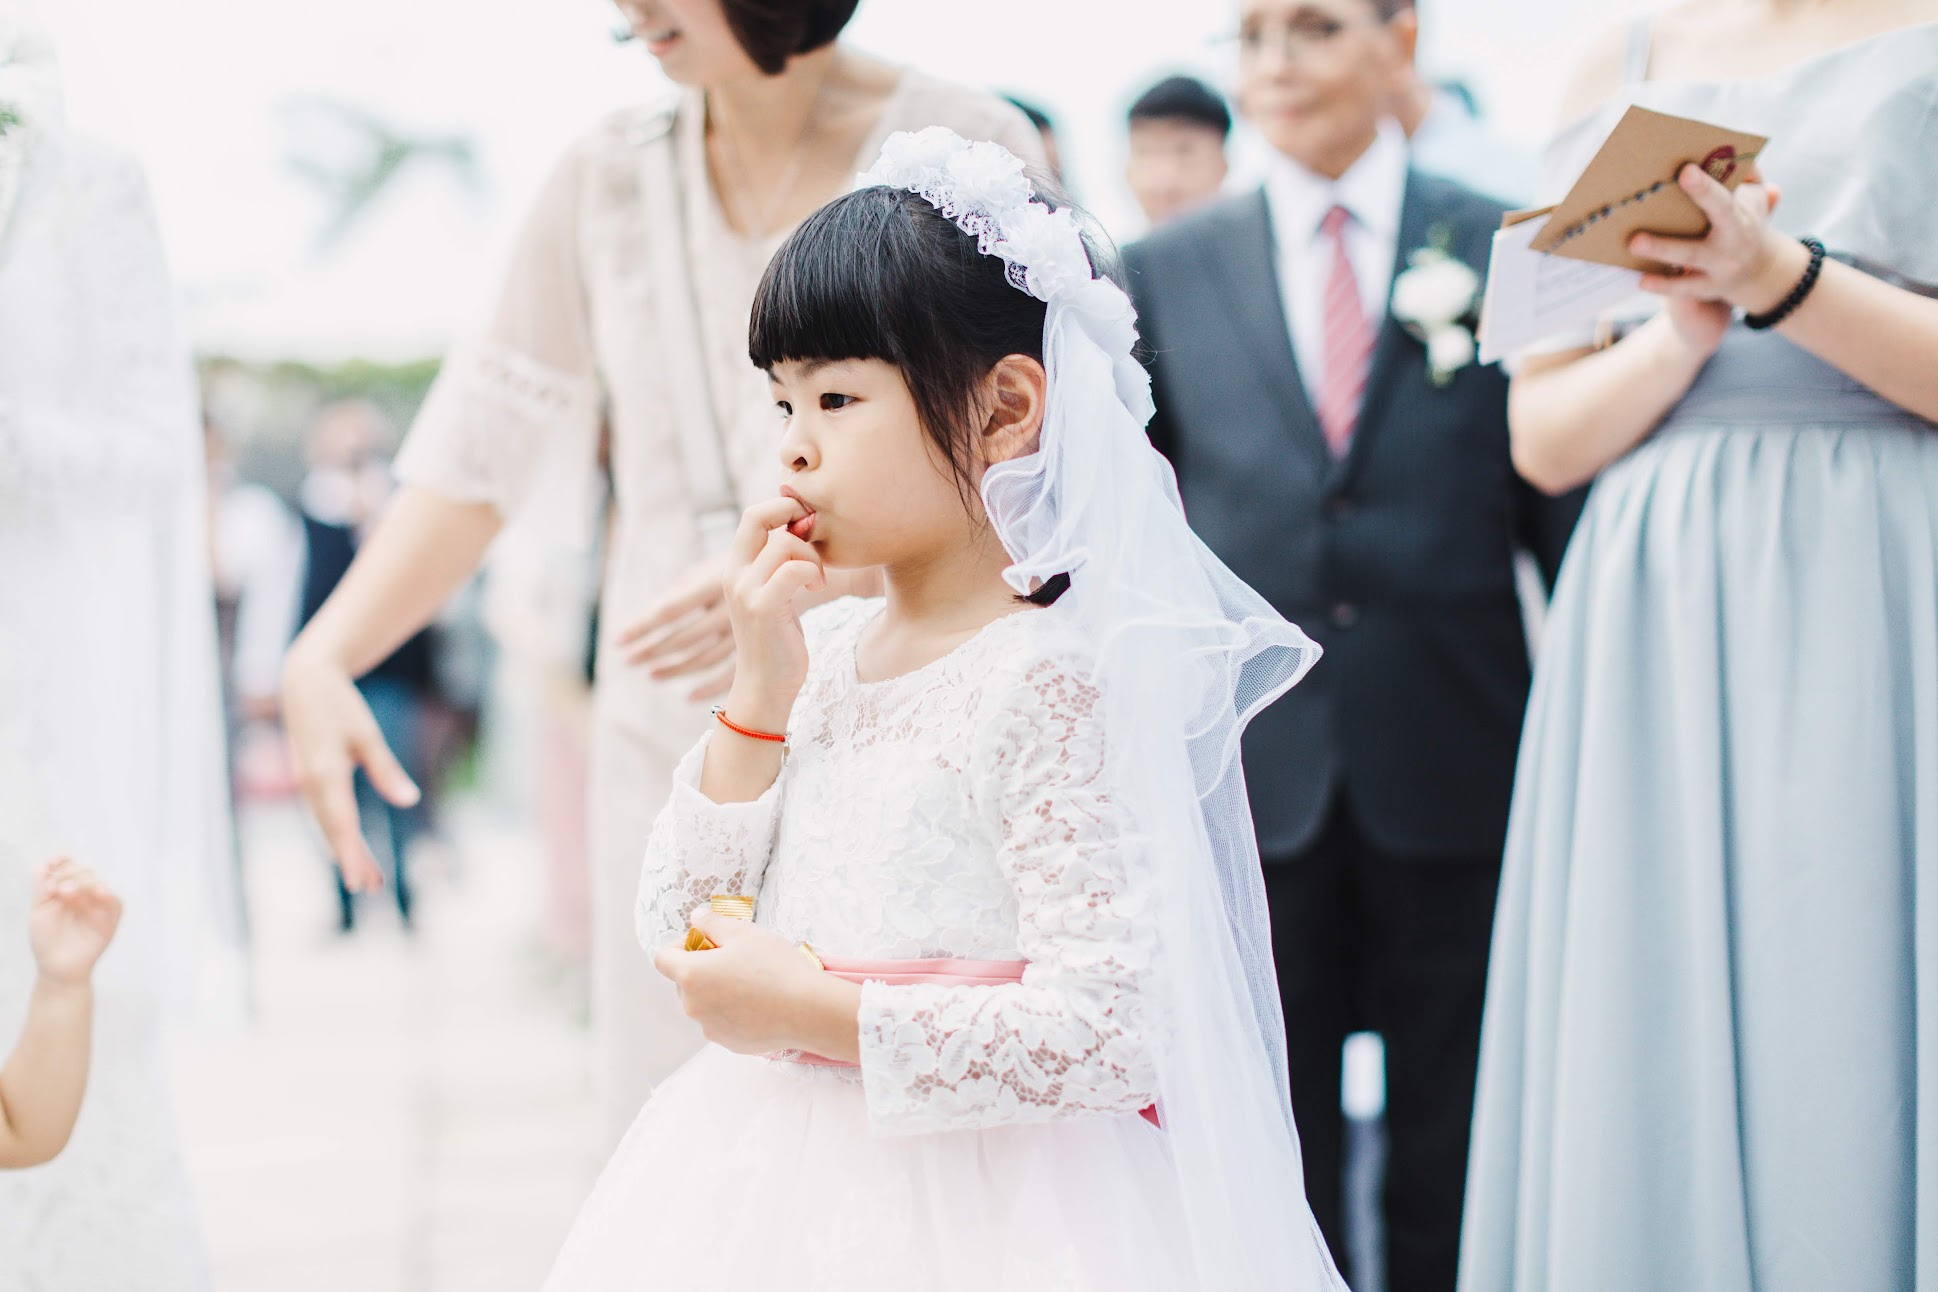 台北集食行樂婚禮-美式婚禮紀錄-戶外證婚